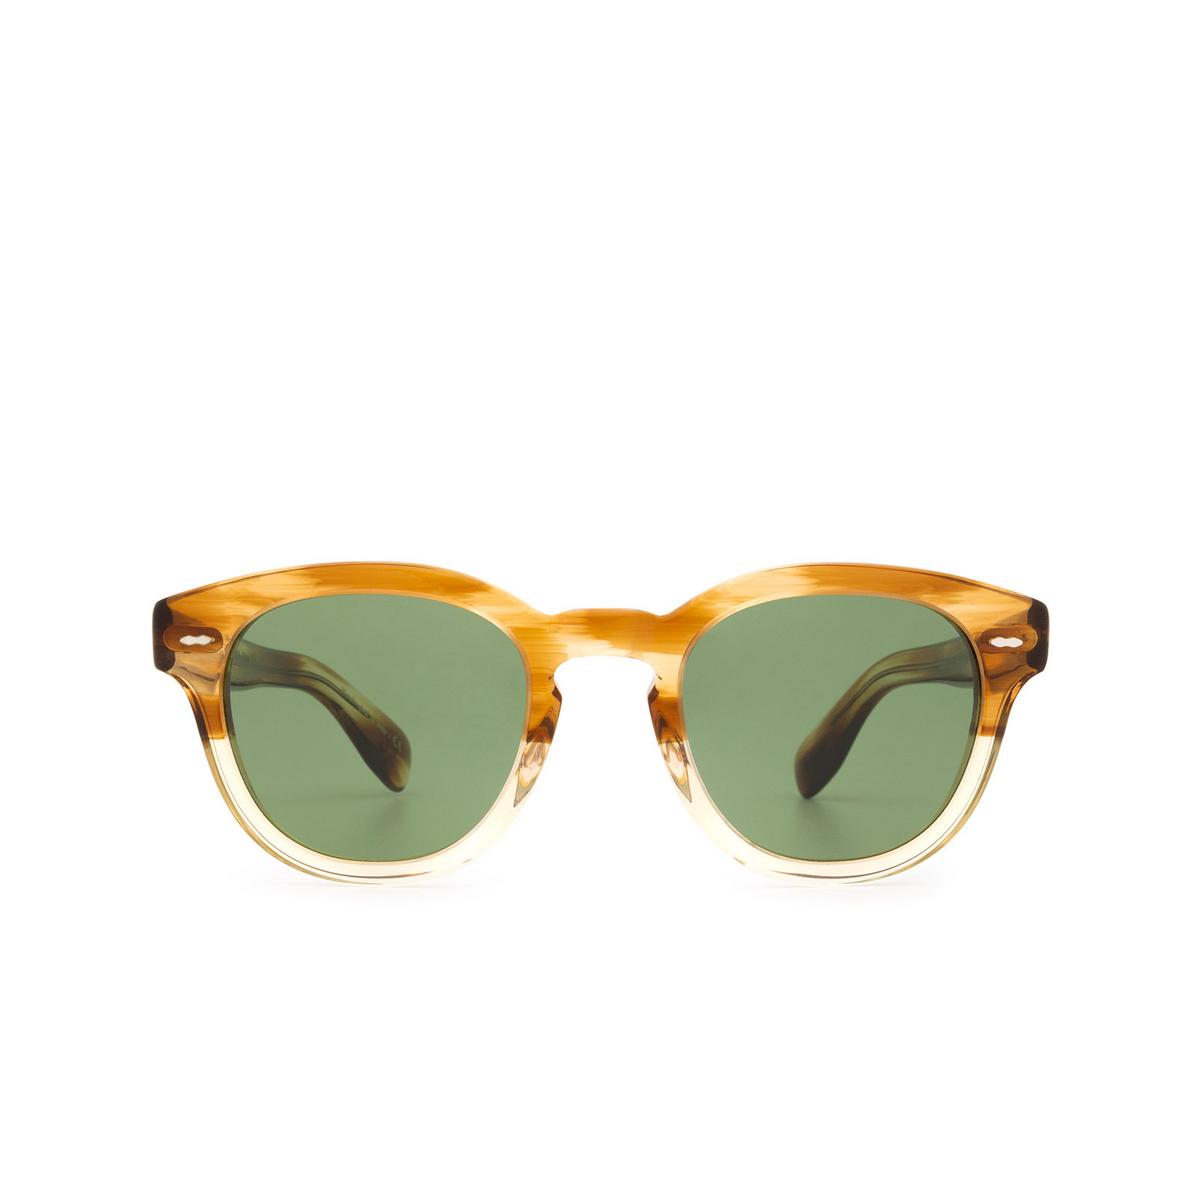 Oliver Peoples® Square Sunglasses: Cary Grant Sun OV5413SU color Honey Vsb 167452.